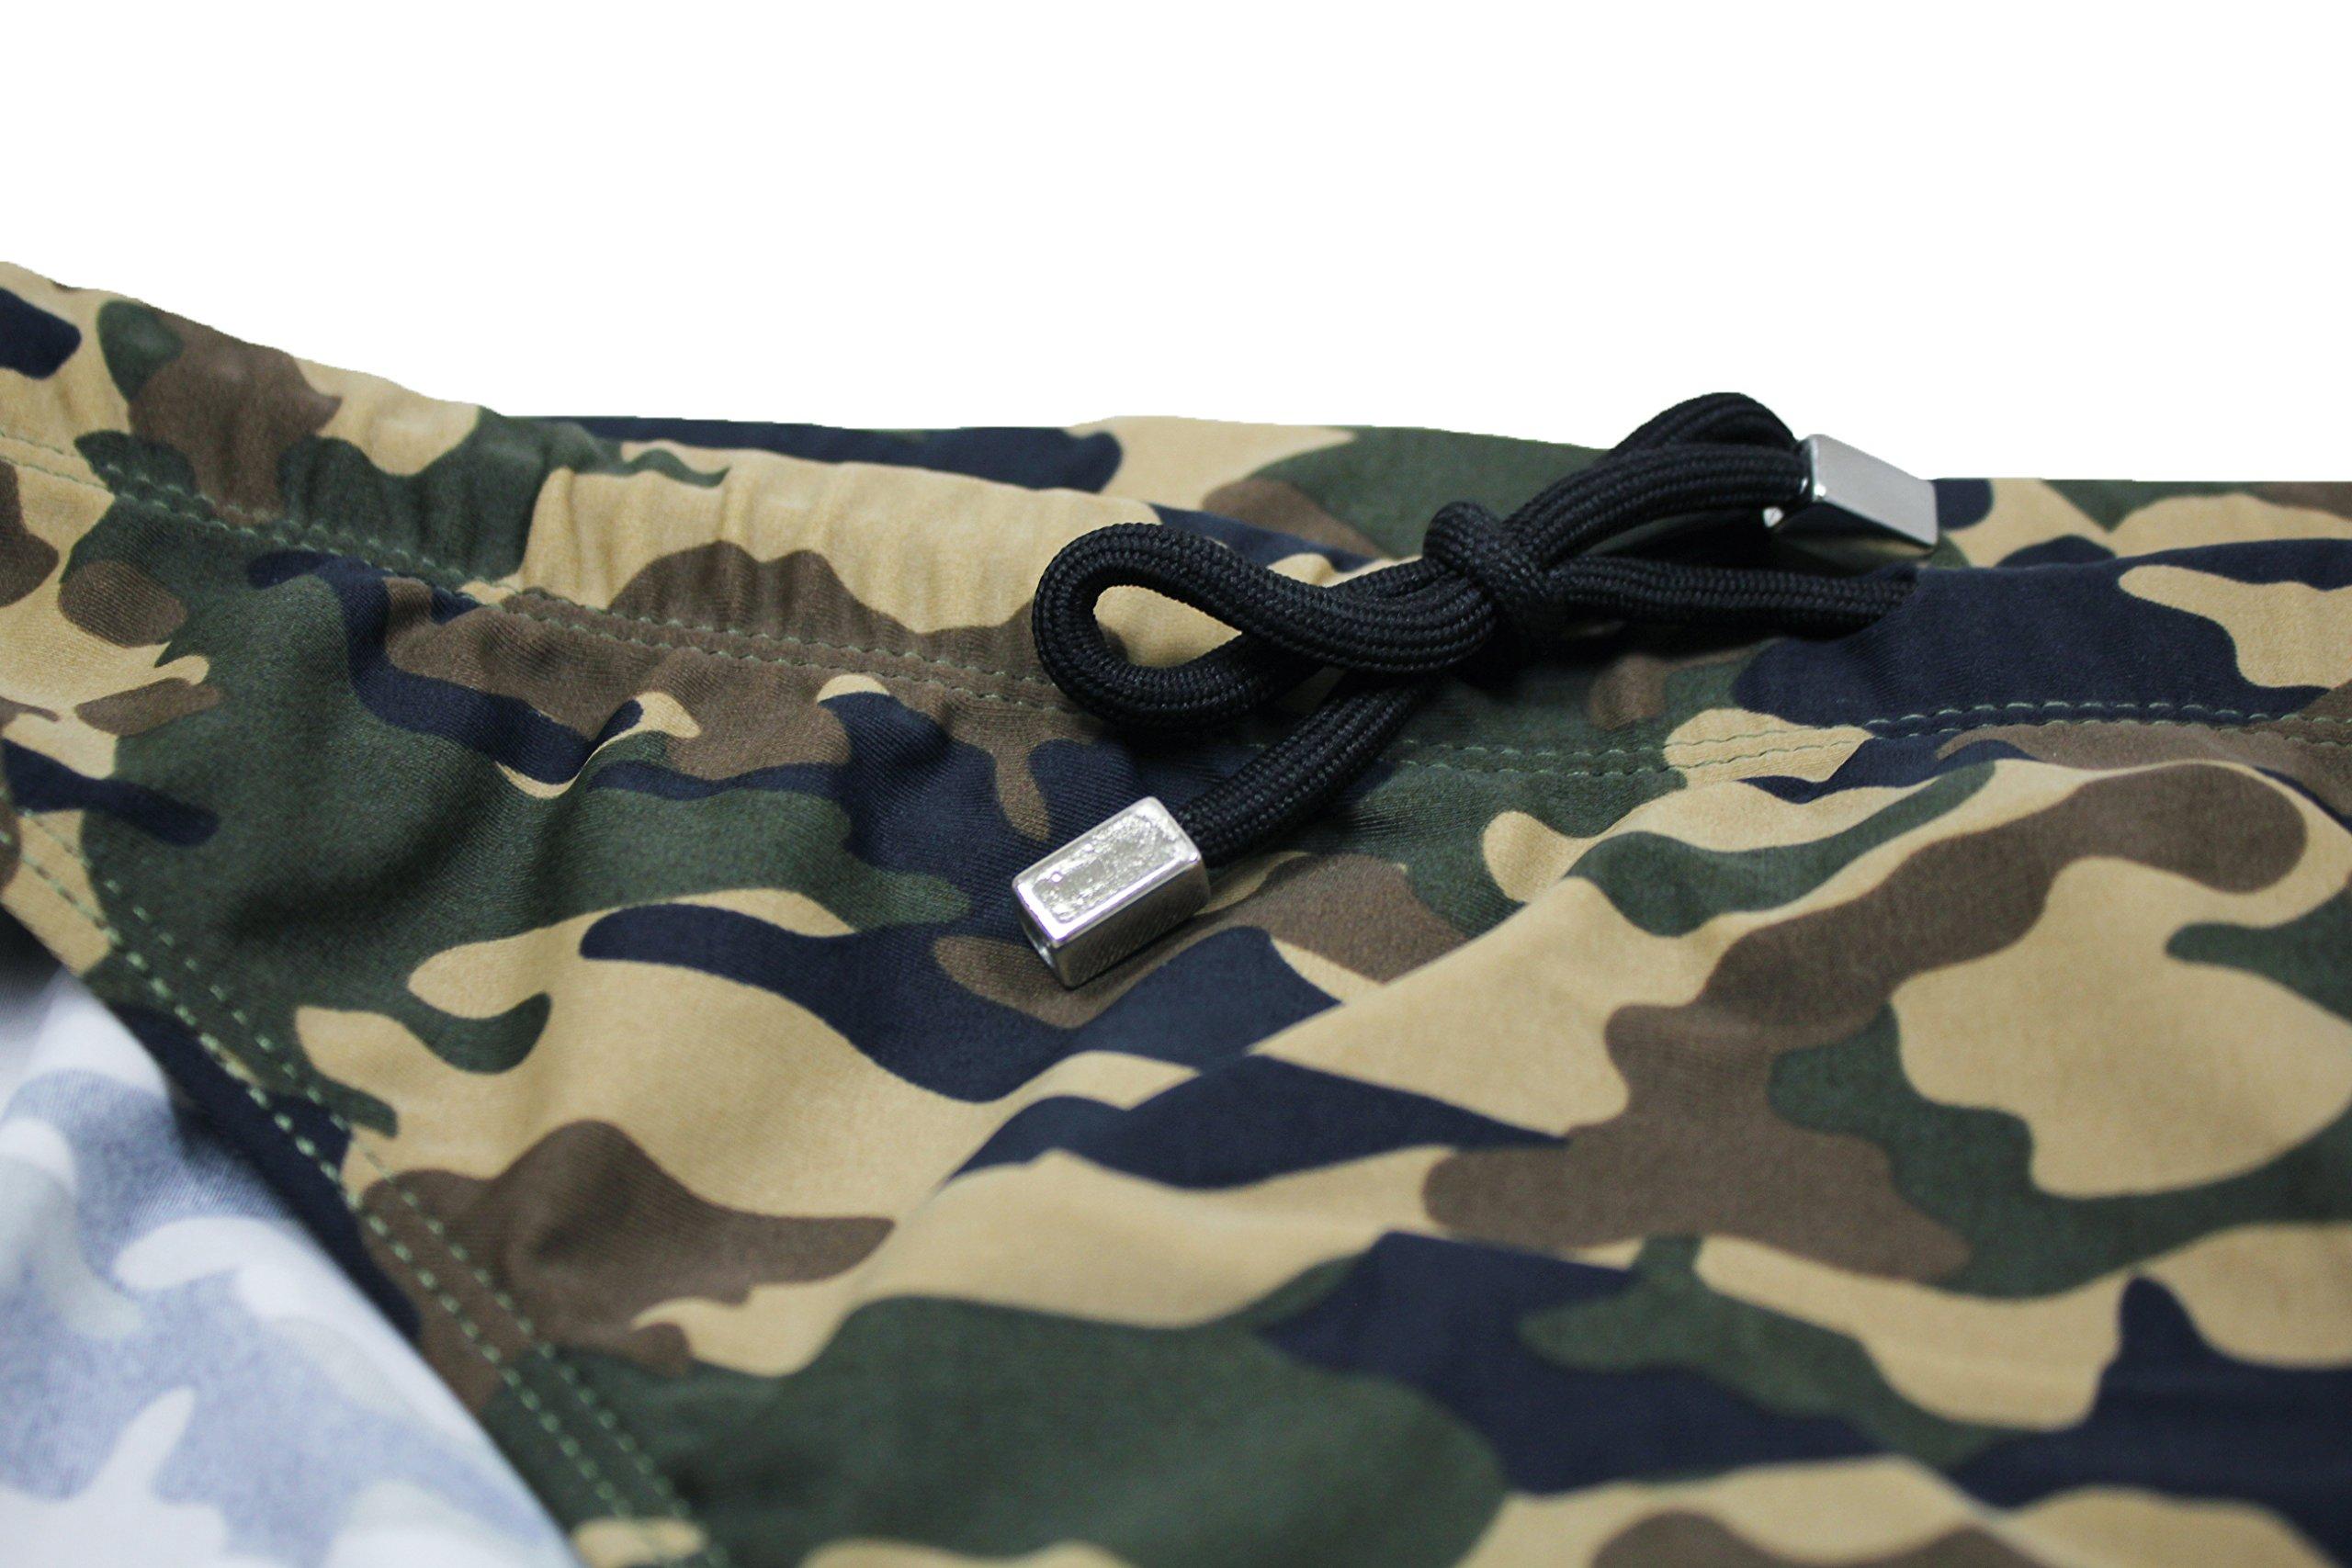 cd63b66600a7f8 Evoga Costume Slip Uomo Mimetico Militare Verde Casual Shorts Mutandina  Piscina Mare